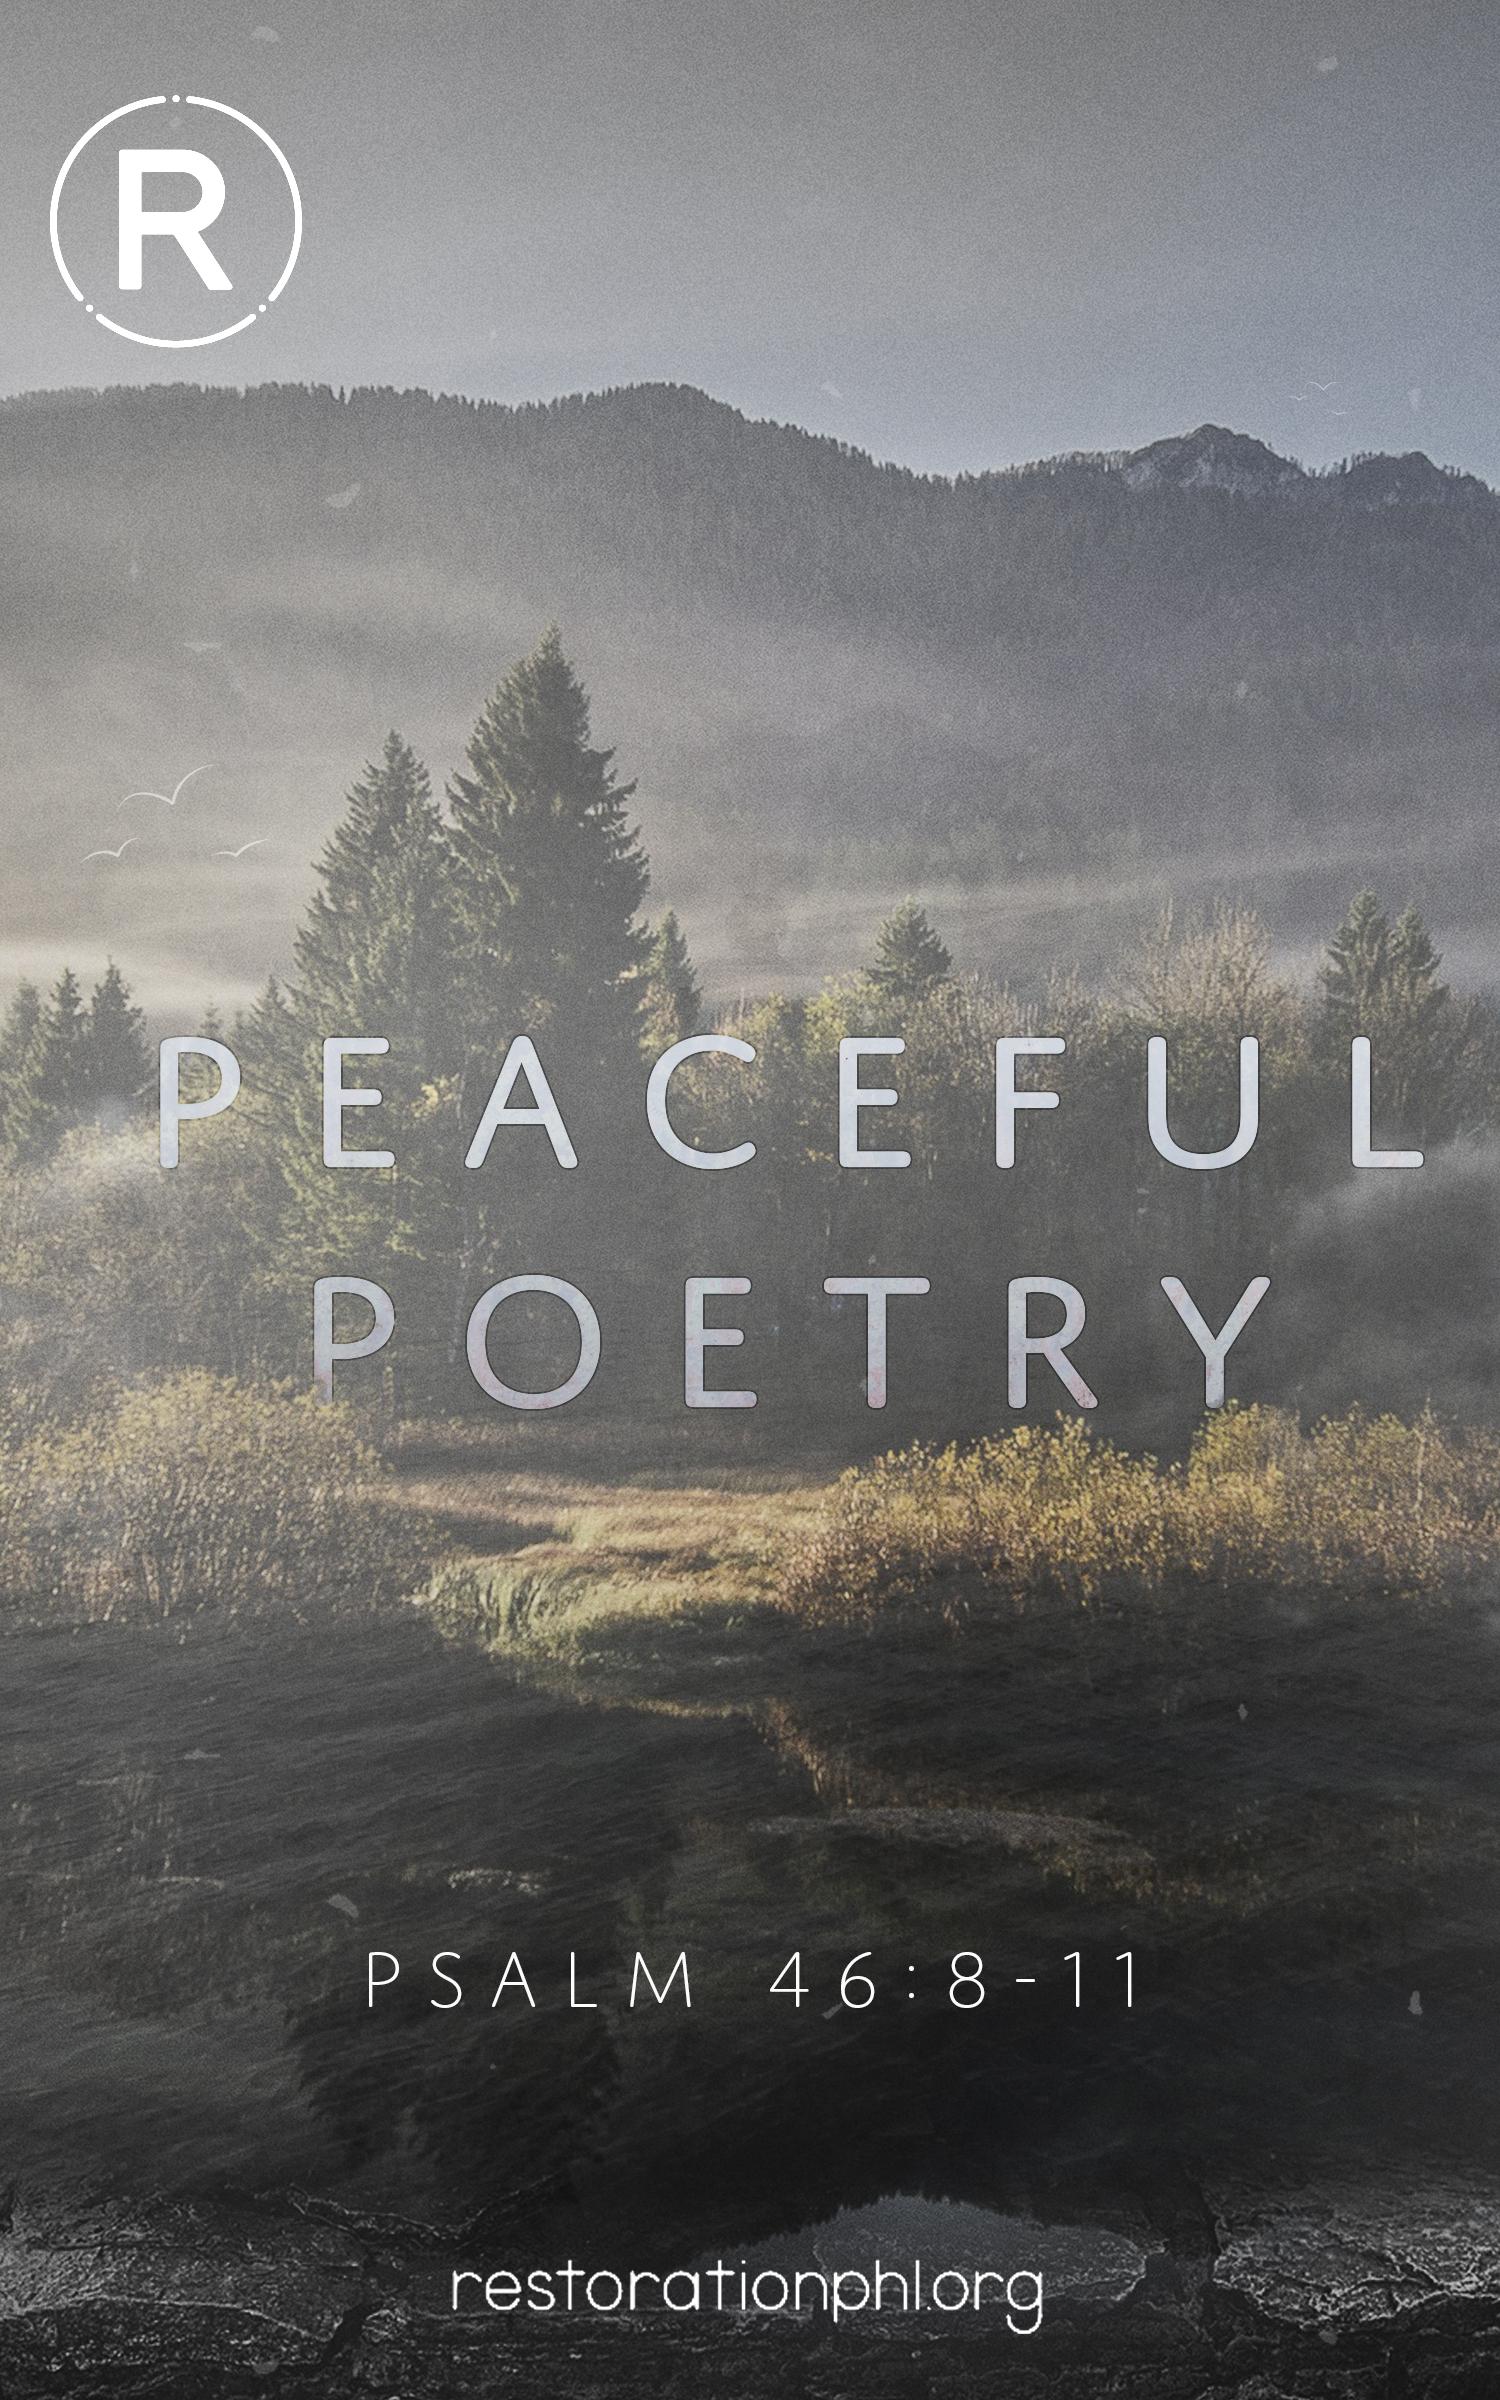 PeacefulPoetry.jpg